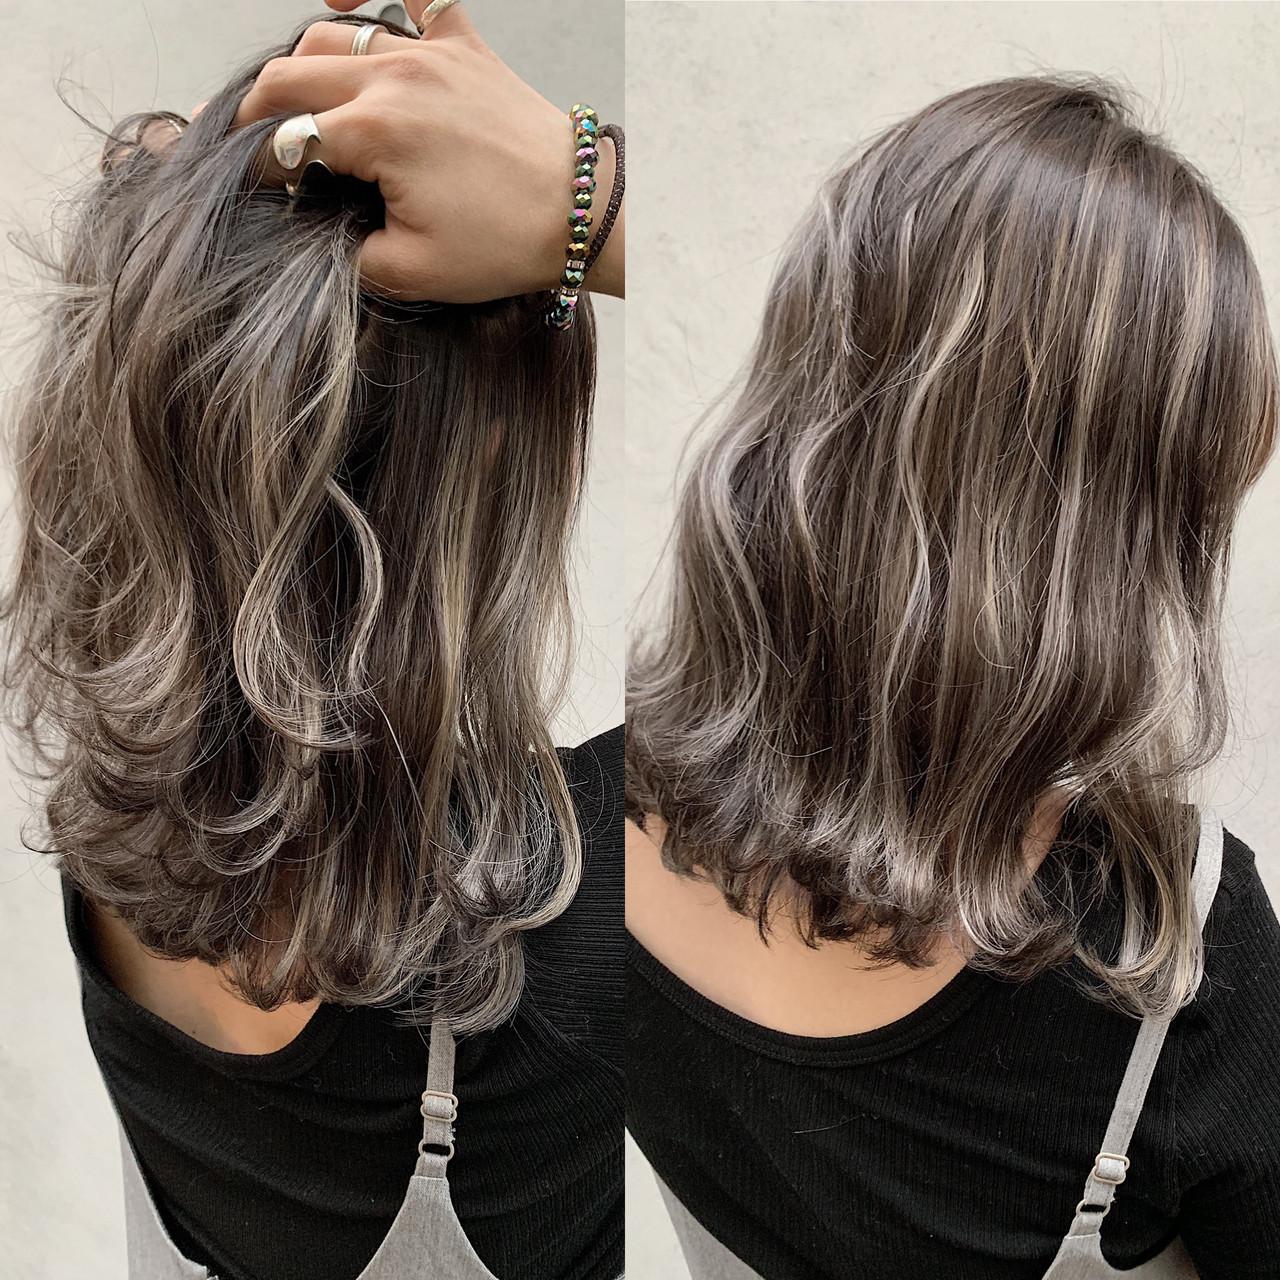 ハイライト バレイヤージュ ナチュラル ミルクティーベージュヘアスタイルや髪型の写真・画像